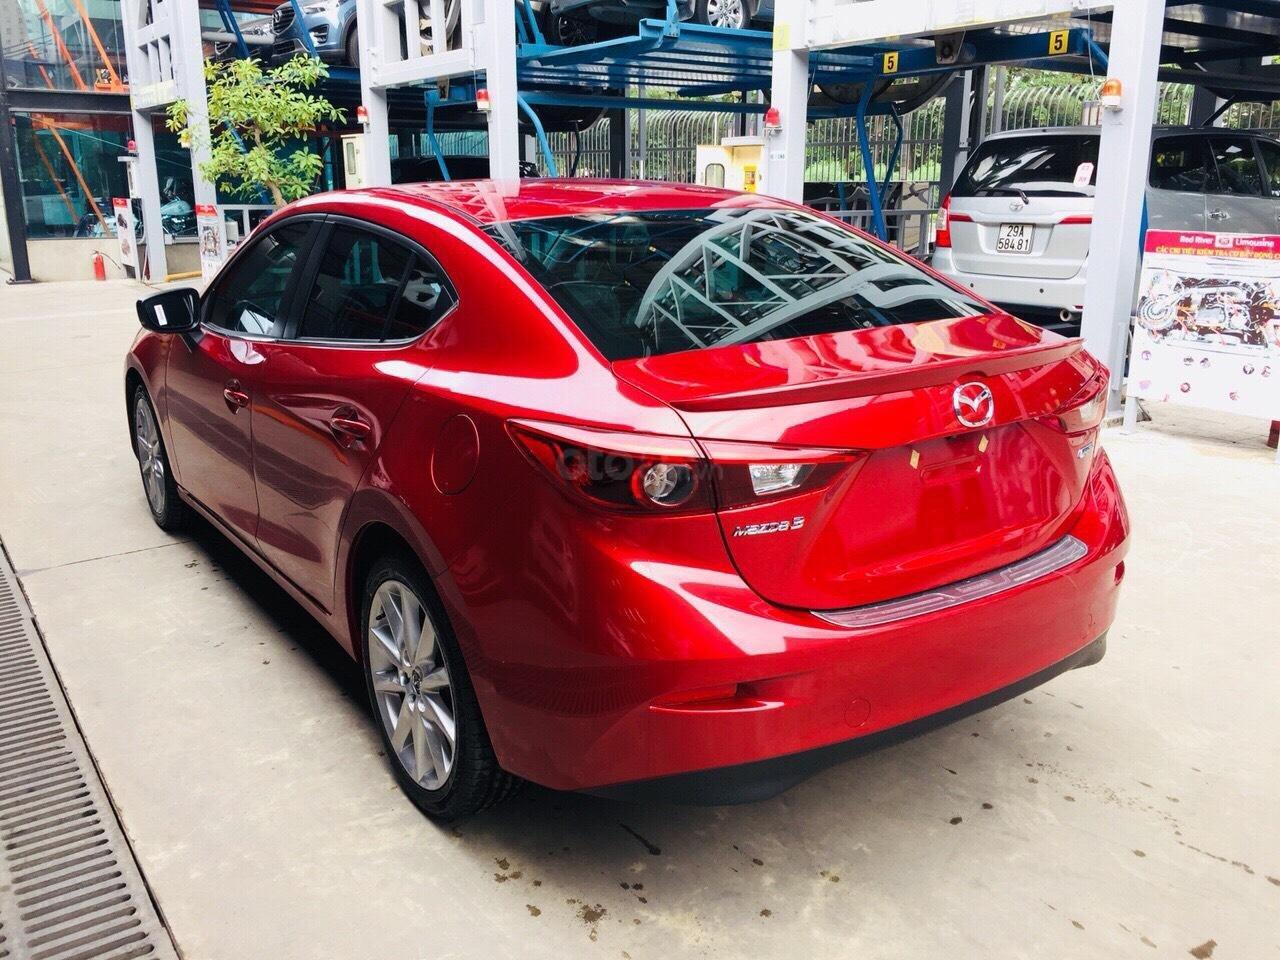 Chỉ 180tr nhận Mazda 3 tháng 10 giảm giá 70tr TG 90%, đủ màu, hỗ trợ ĐKĐK, giải quyết nợ xấu, LH MS thu 0981485819 (4)